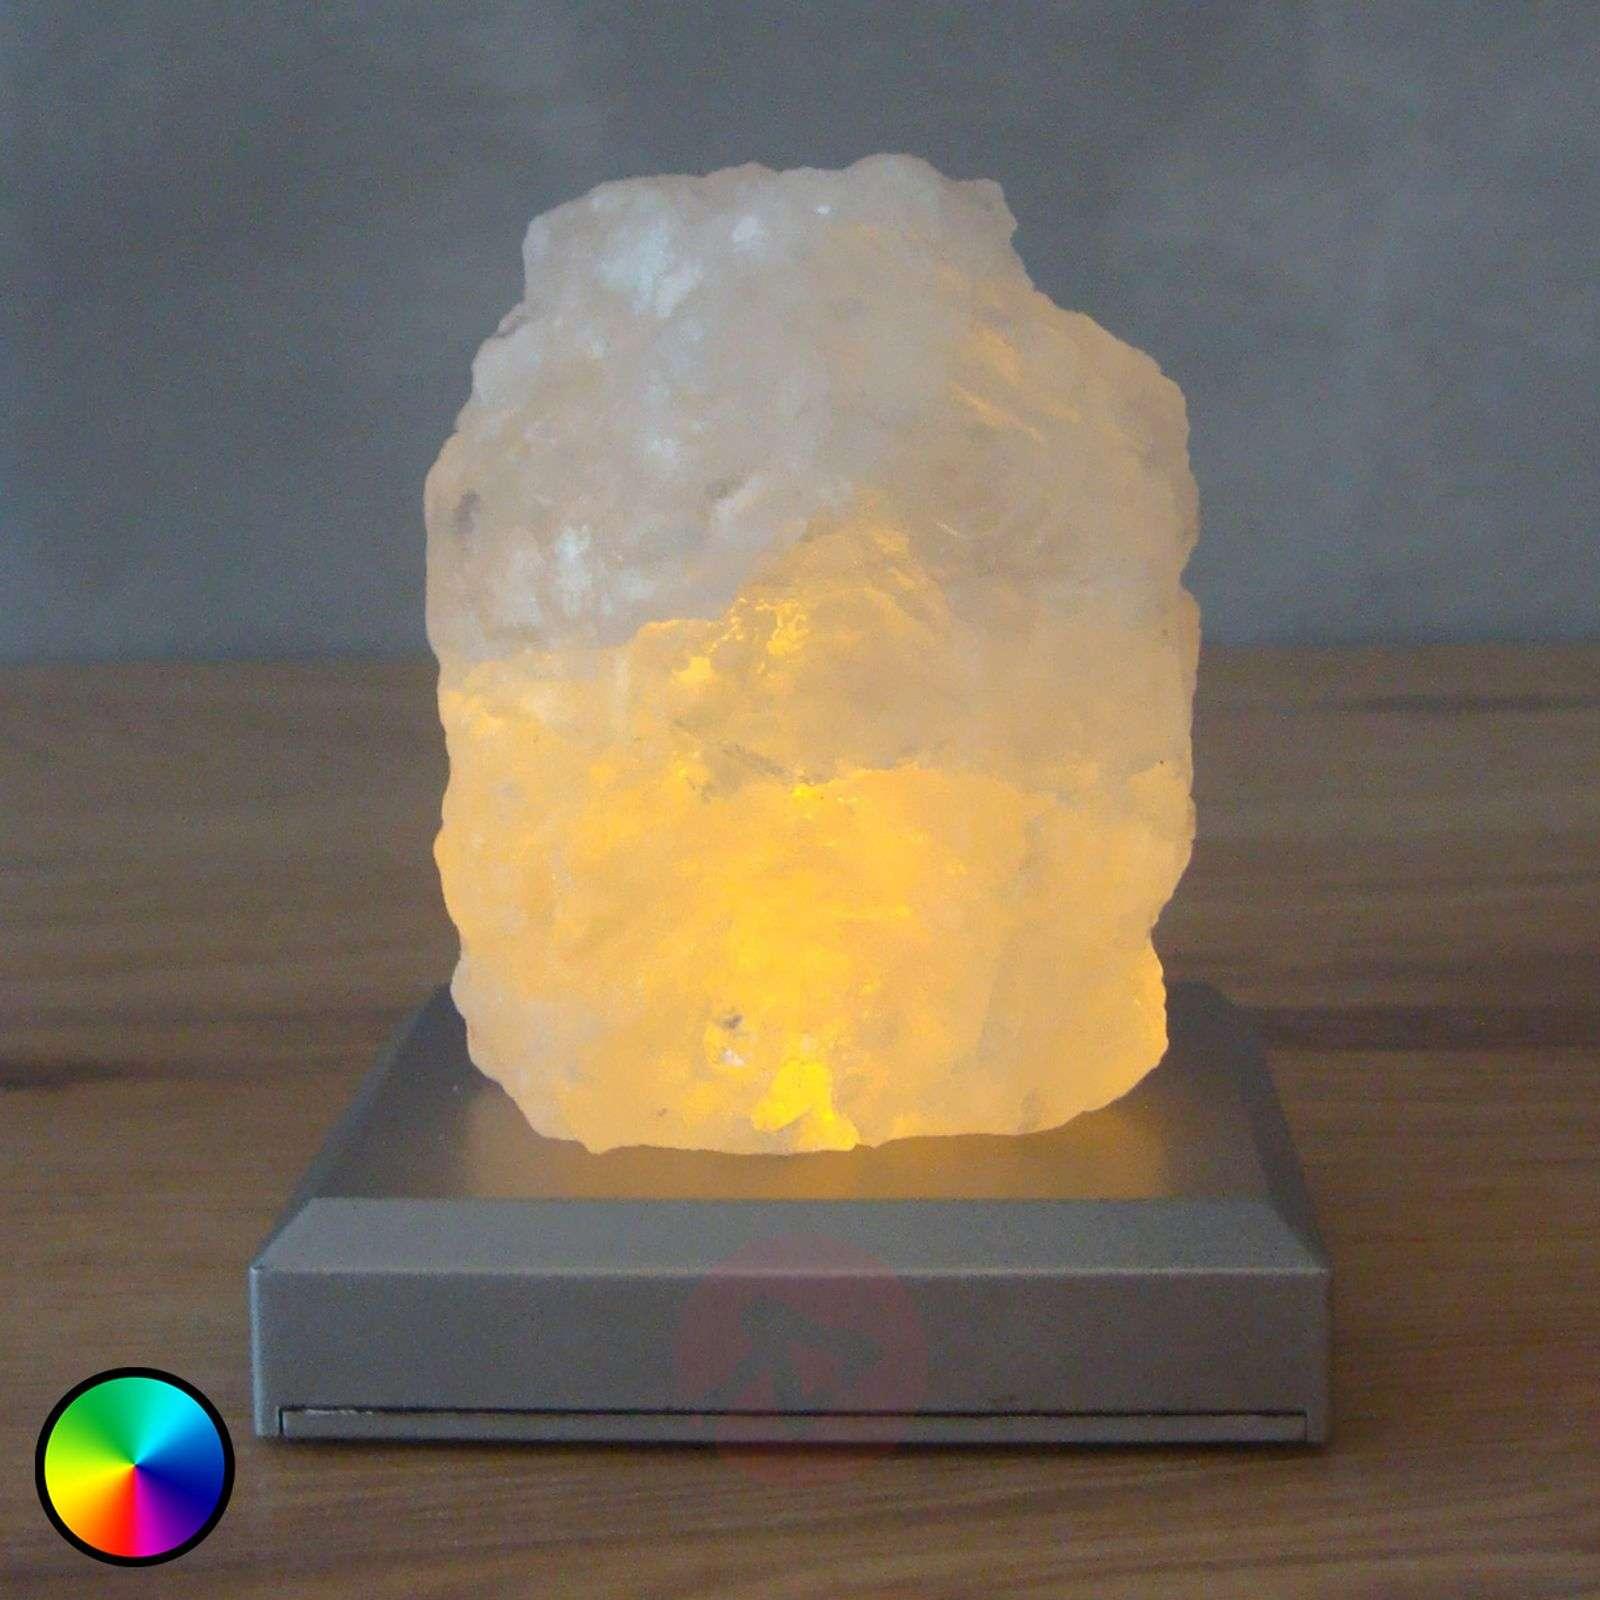 Paristokäyttöinen Salzberg-LED-pöytävalaisin-9608049-01